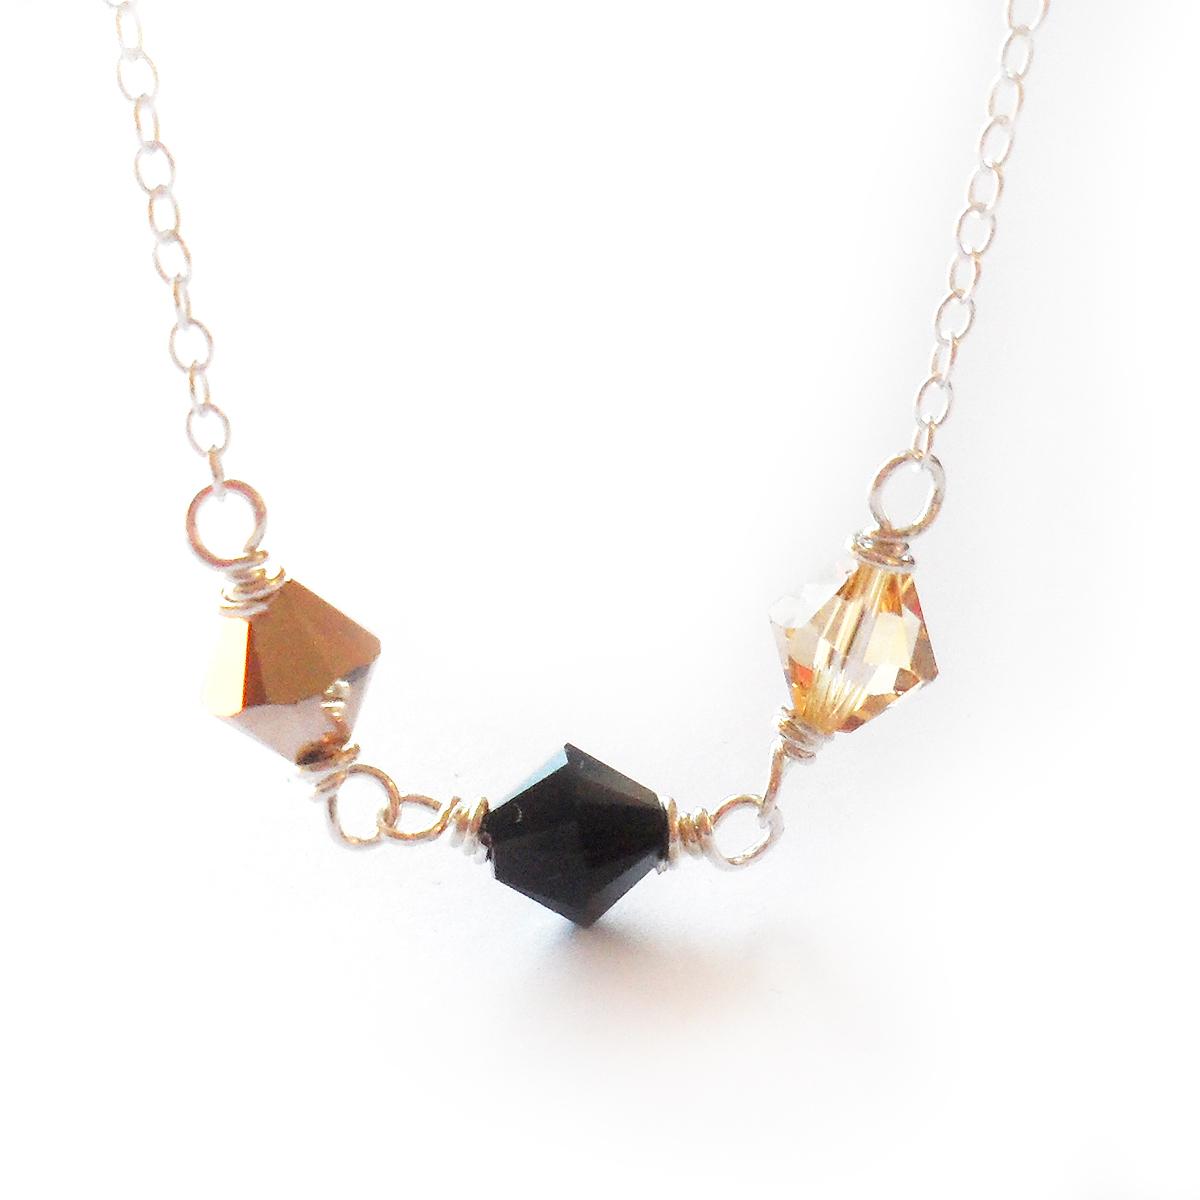 collar-melissa-plata-de-ley-y-cristales-de-swarovski-dorado-y-negro-4